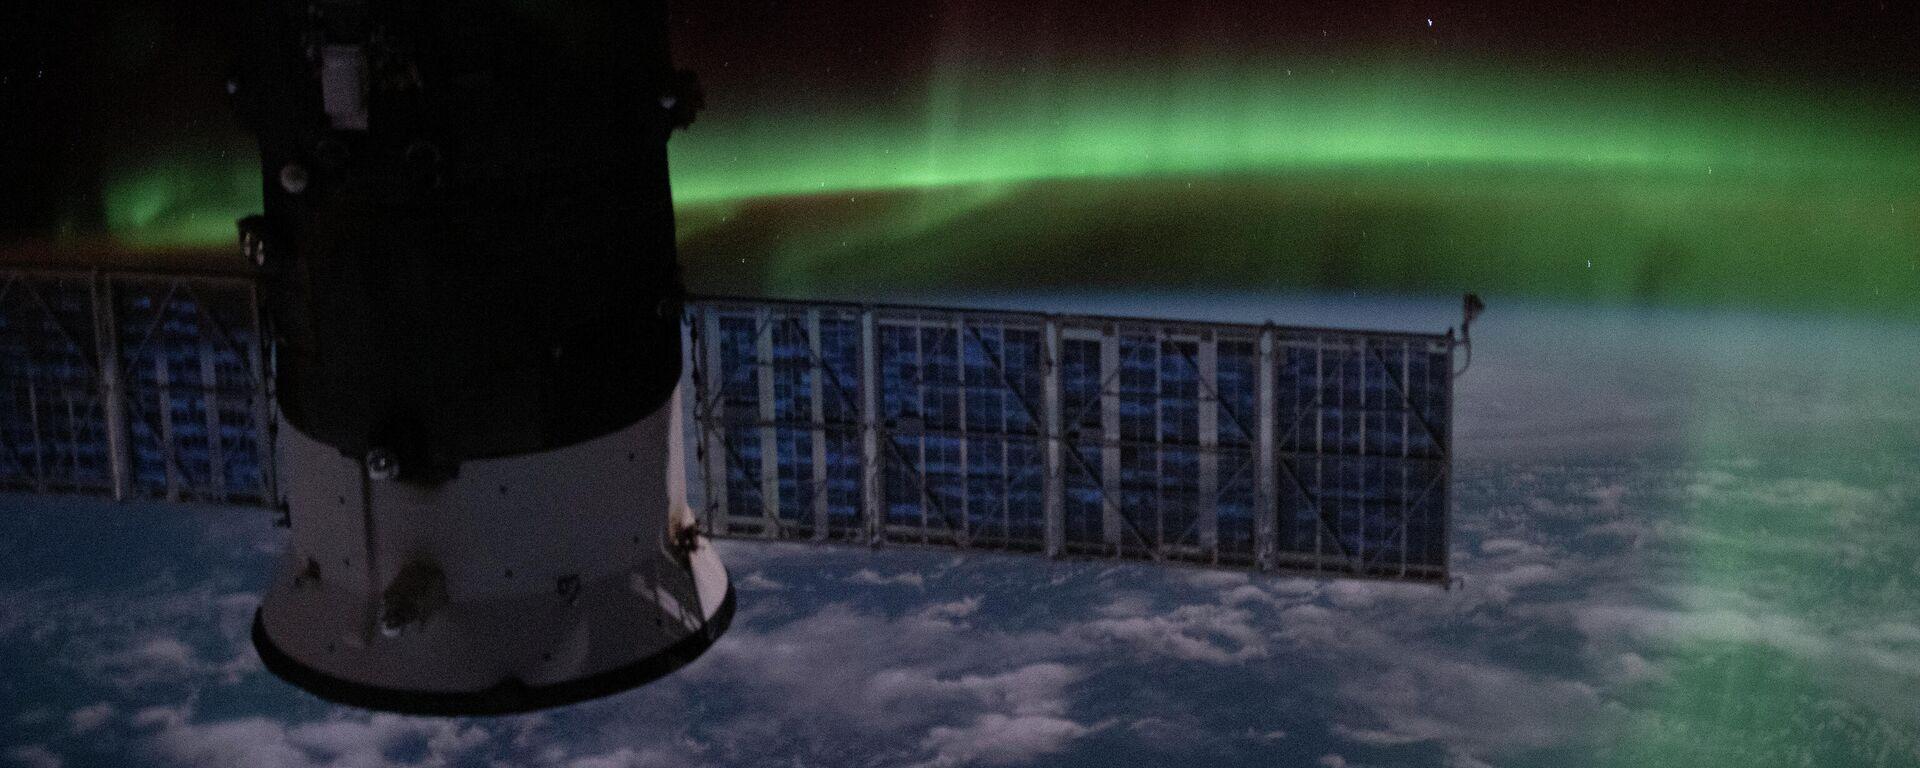 International Space Station (Symbolbild) - SNA, 1920, 15.12.2020